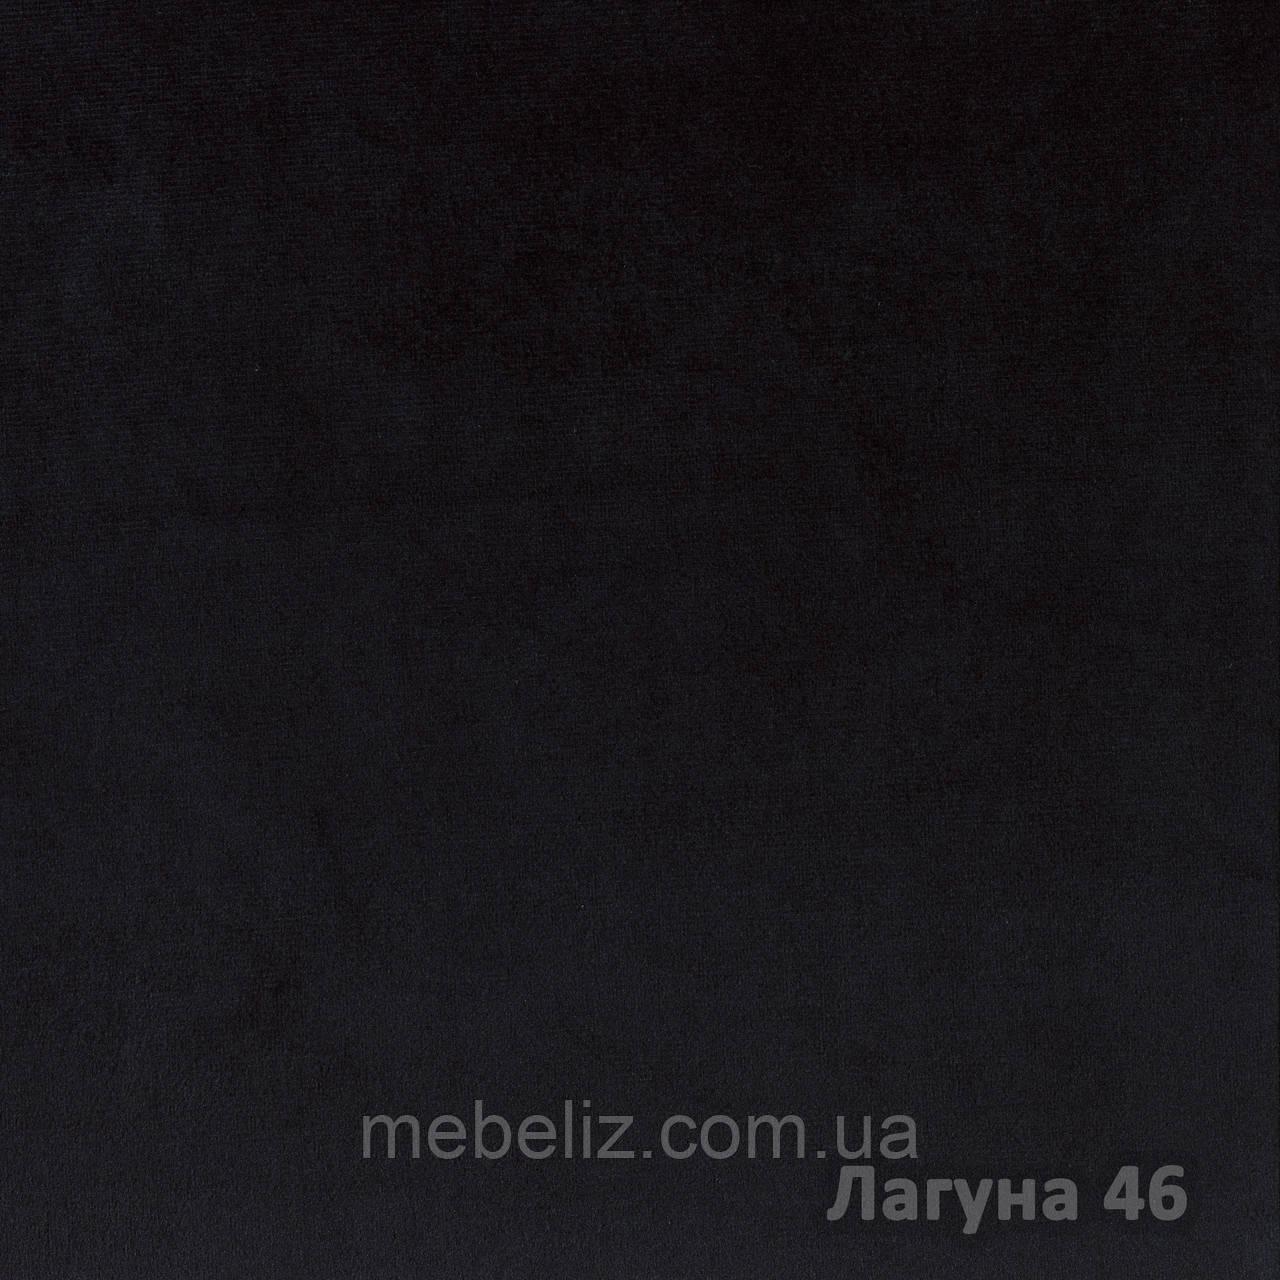 Ткань мебельная обивочная Лагуна 46